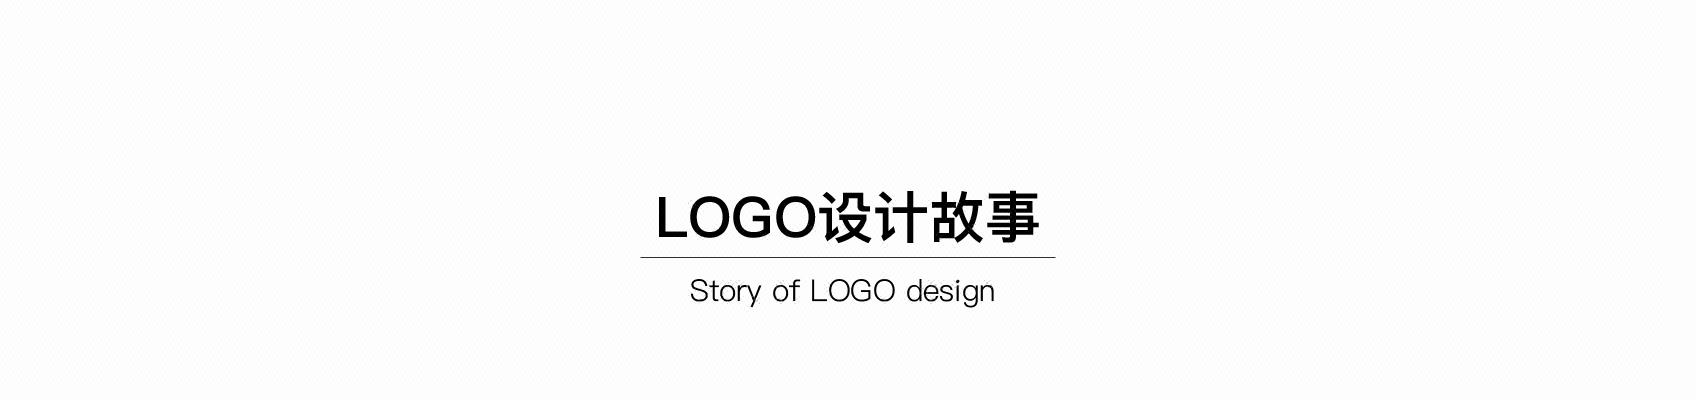 LOGO_字体设计文字logo公司企业品牌标志图标设计7